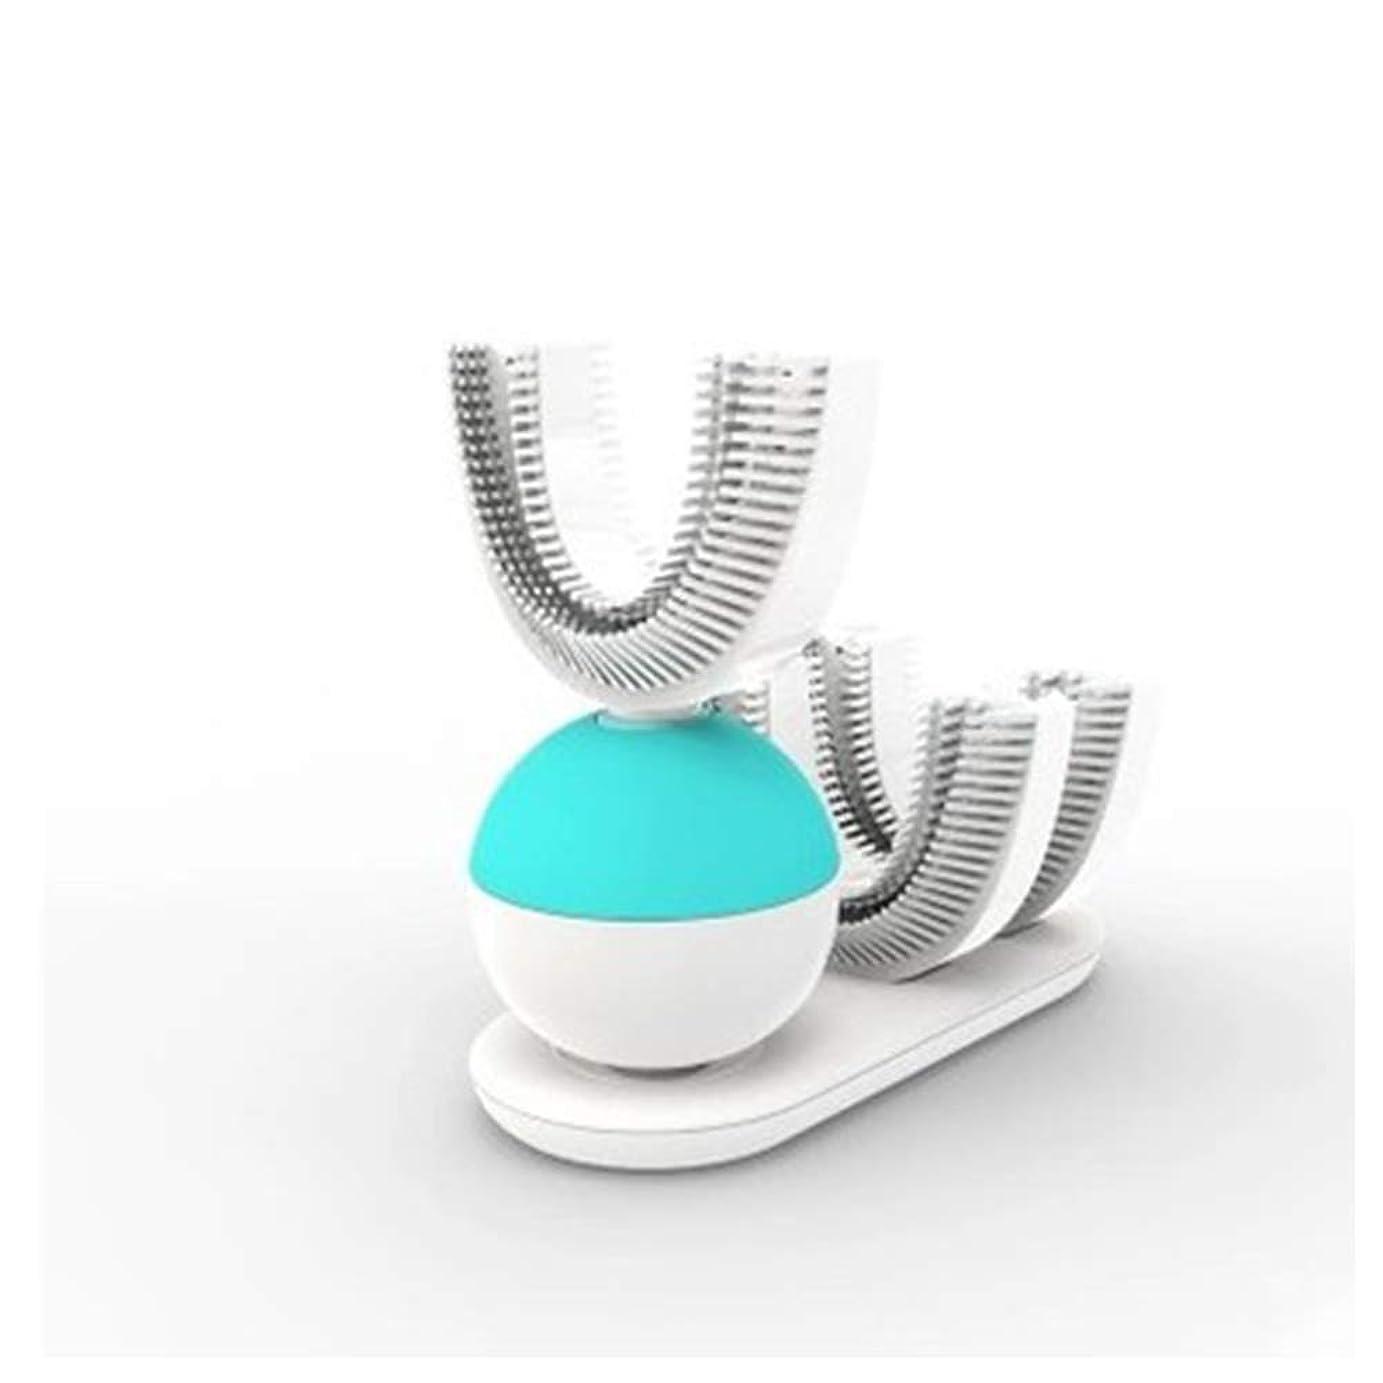 倍率メタン世界の窓U字型歯ブラシ、超音波美白歯ブラシ、レイジークリーンホワイトニング歯ブラシ、防水